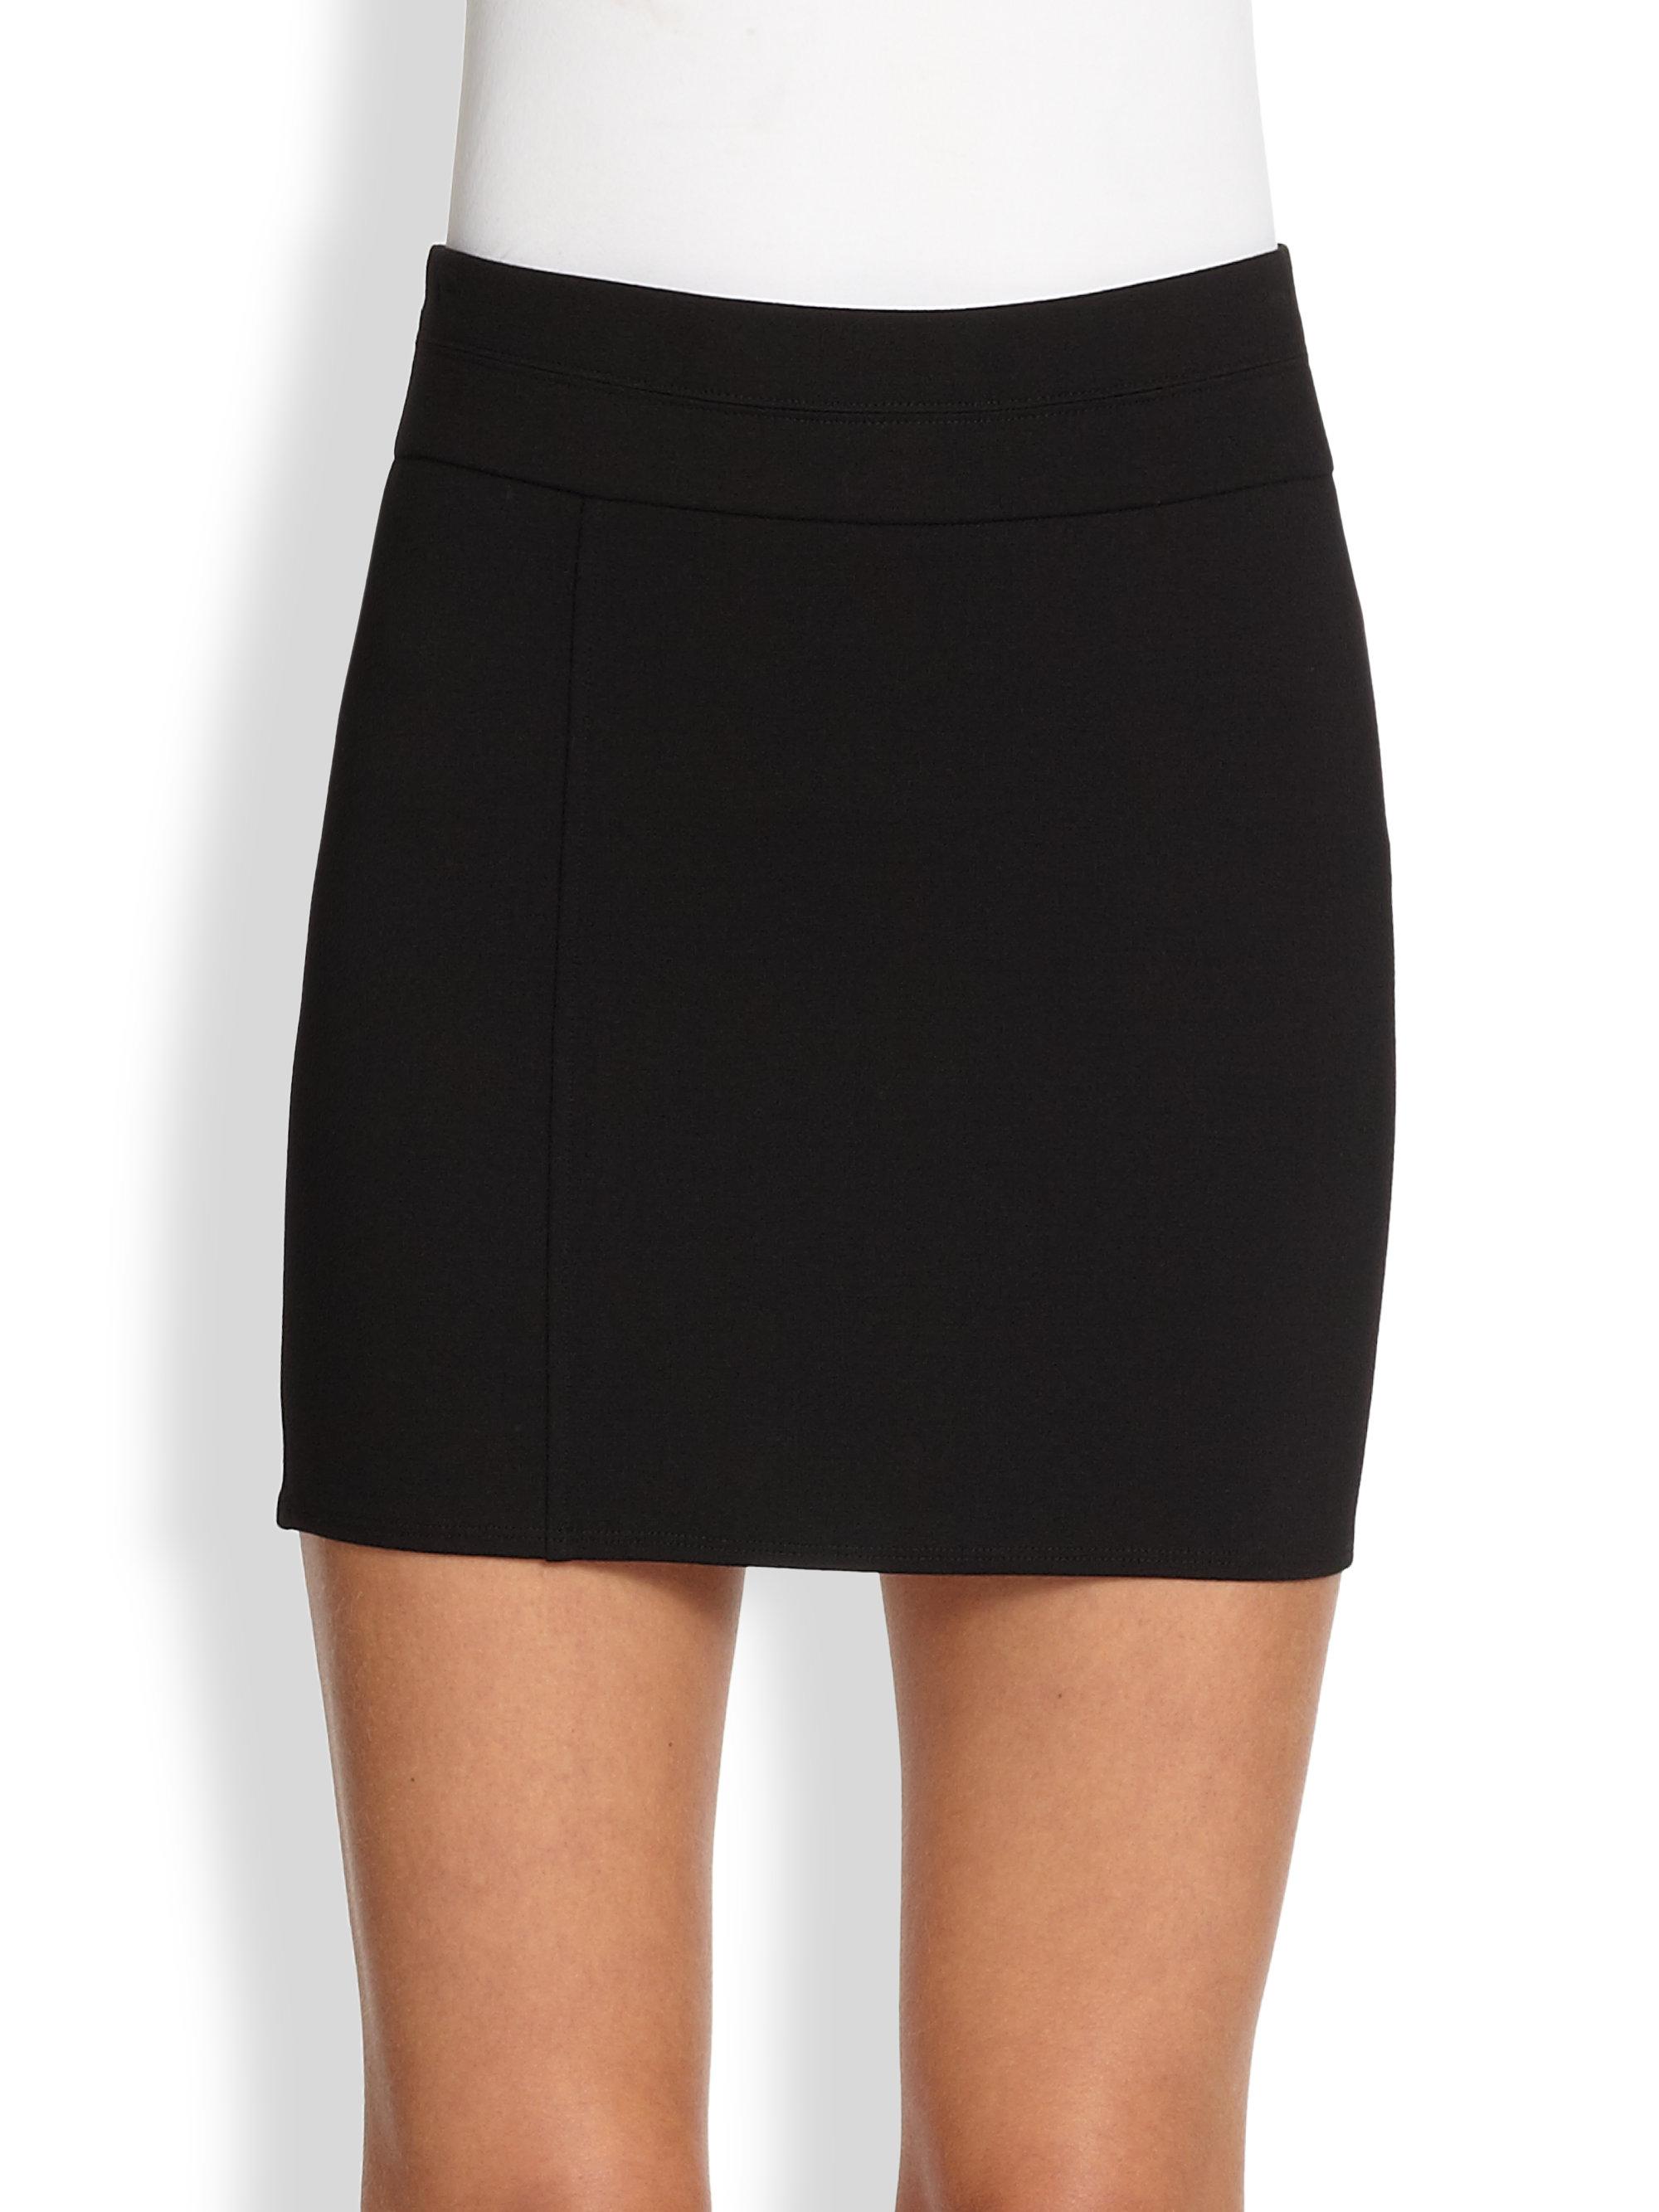 Helmut lang Ponte Knit Mini Skirt in Black | Lyst